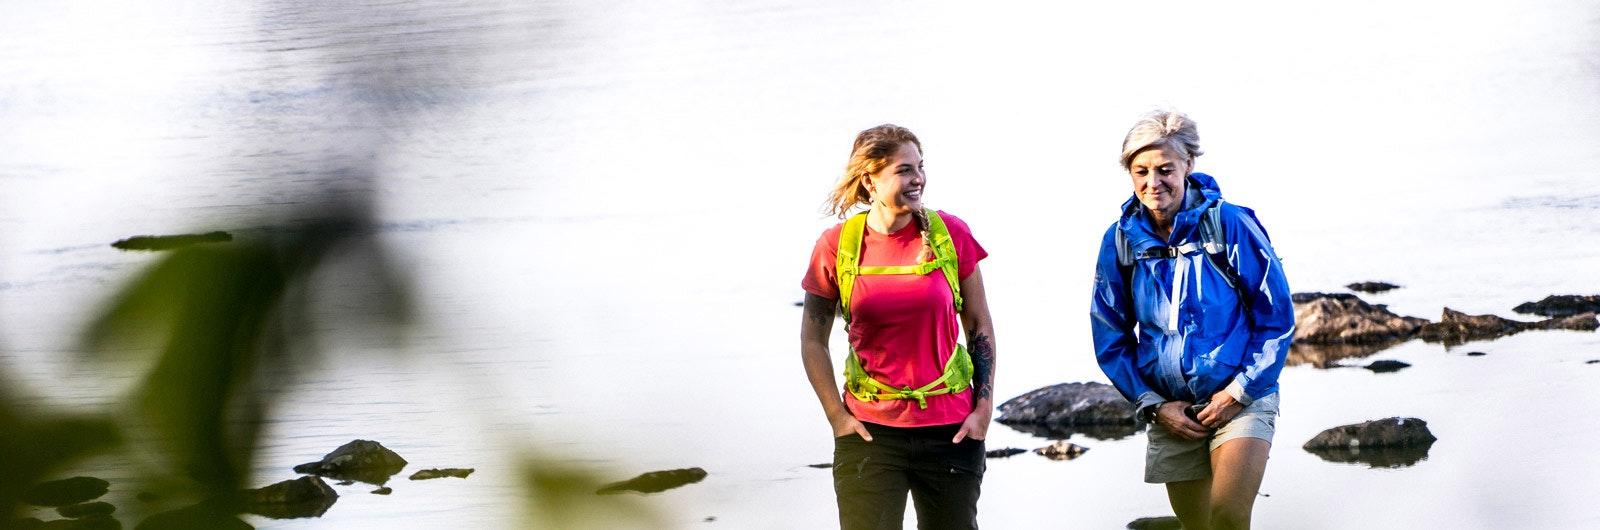 Två kvinnor vandrar vid sjö